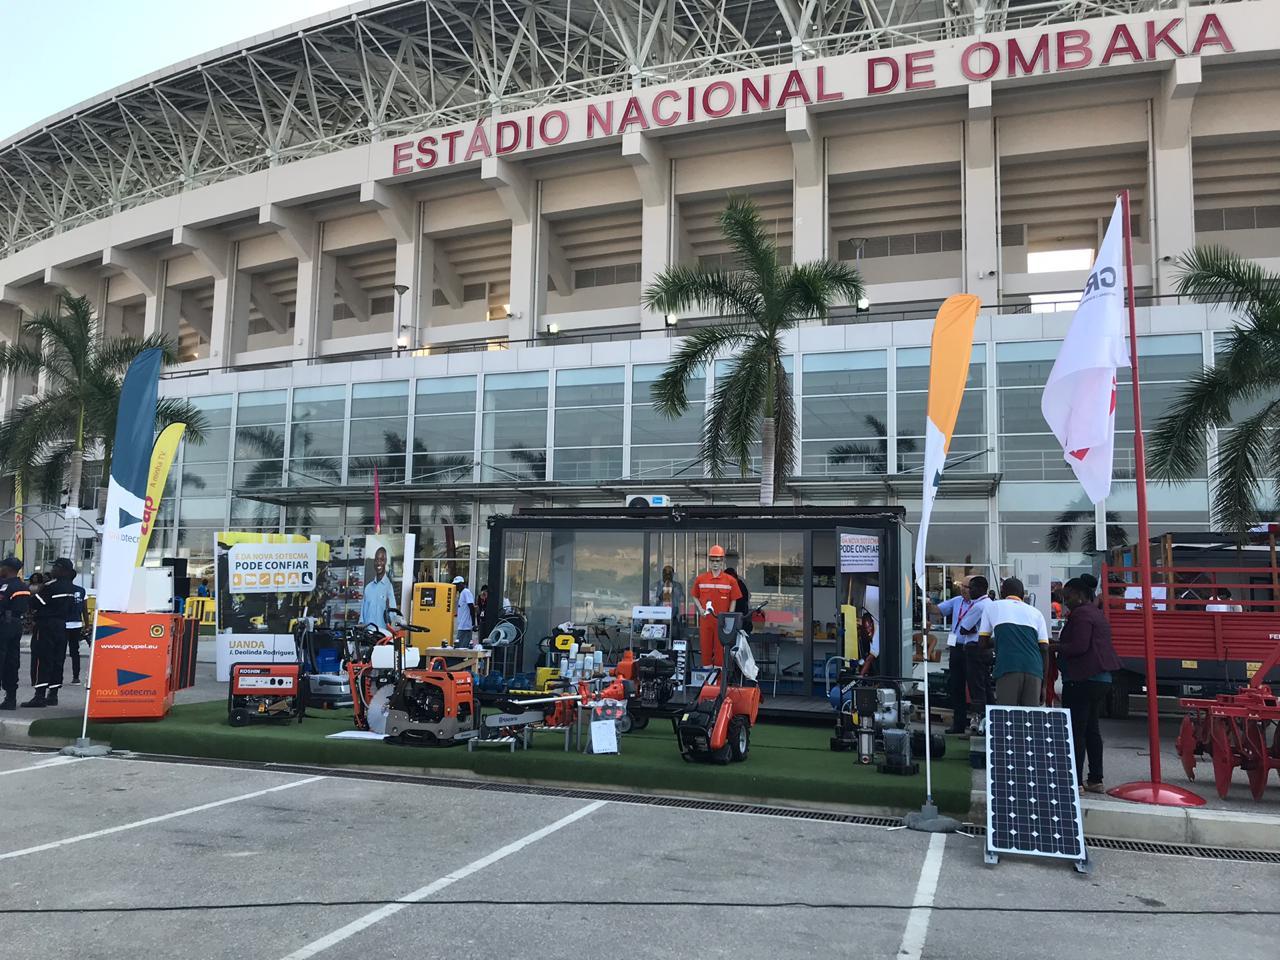 Nova Sotecma participa na 9ª edição da Feira Internacional de Benguela (FIB) 2019